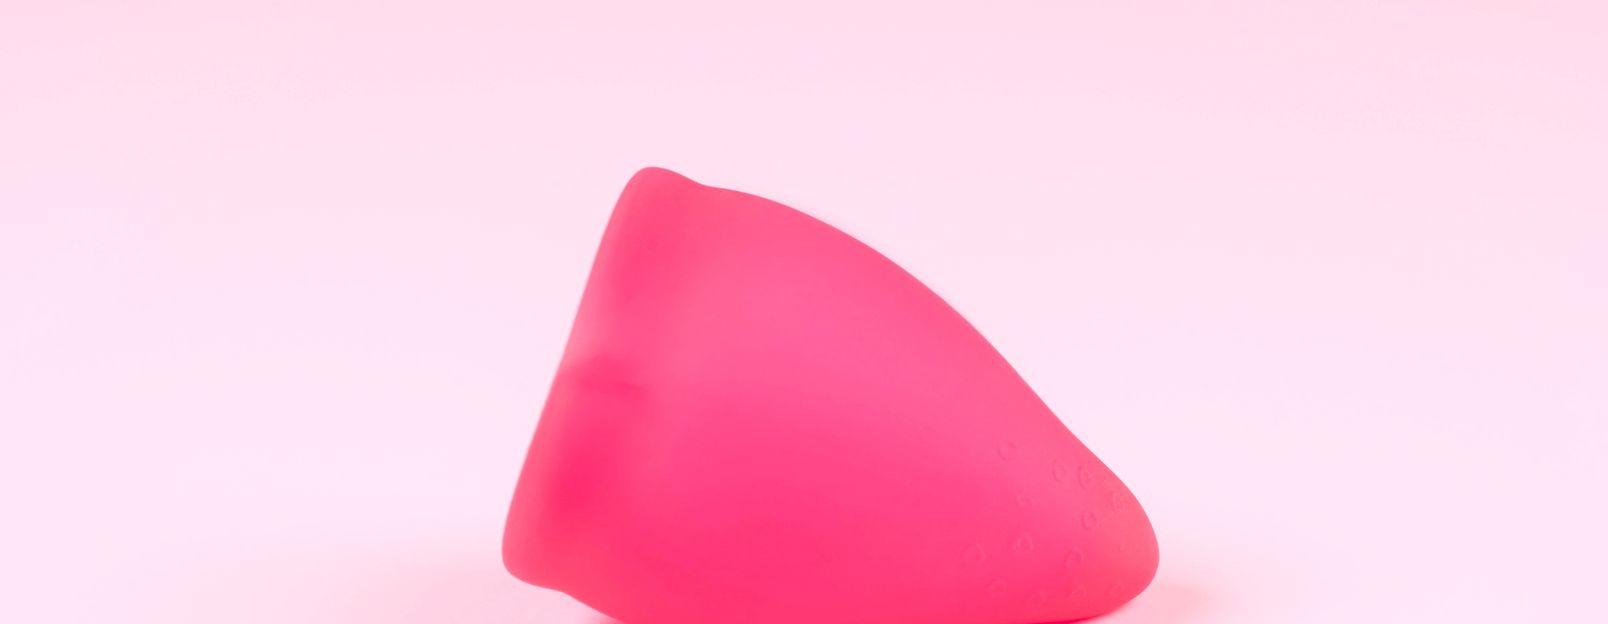 ¿Qué es la copa menstrual y cómo se utiliza? - Featured image